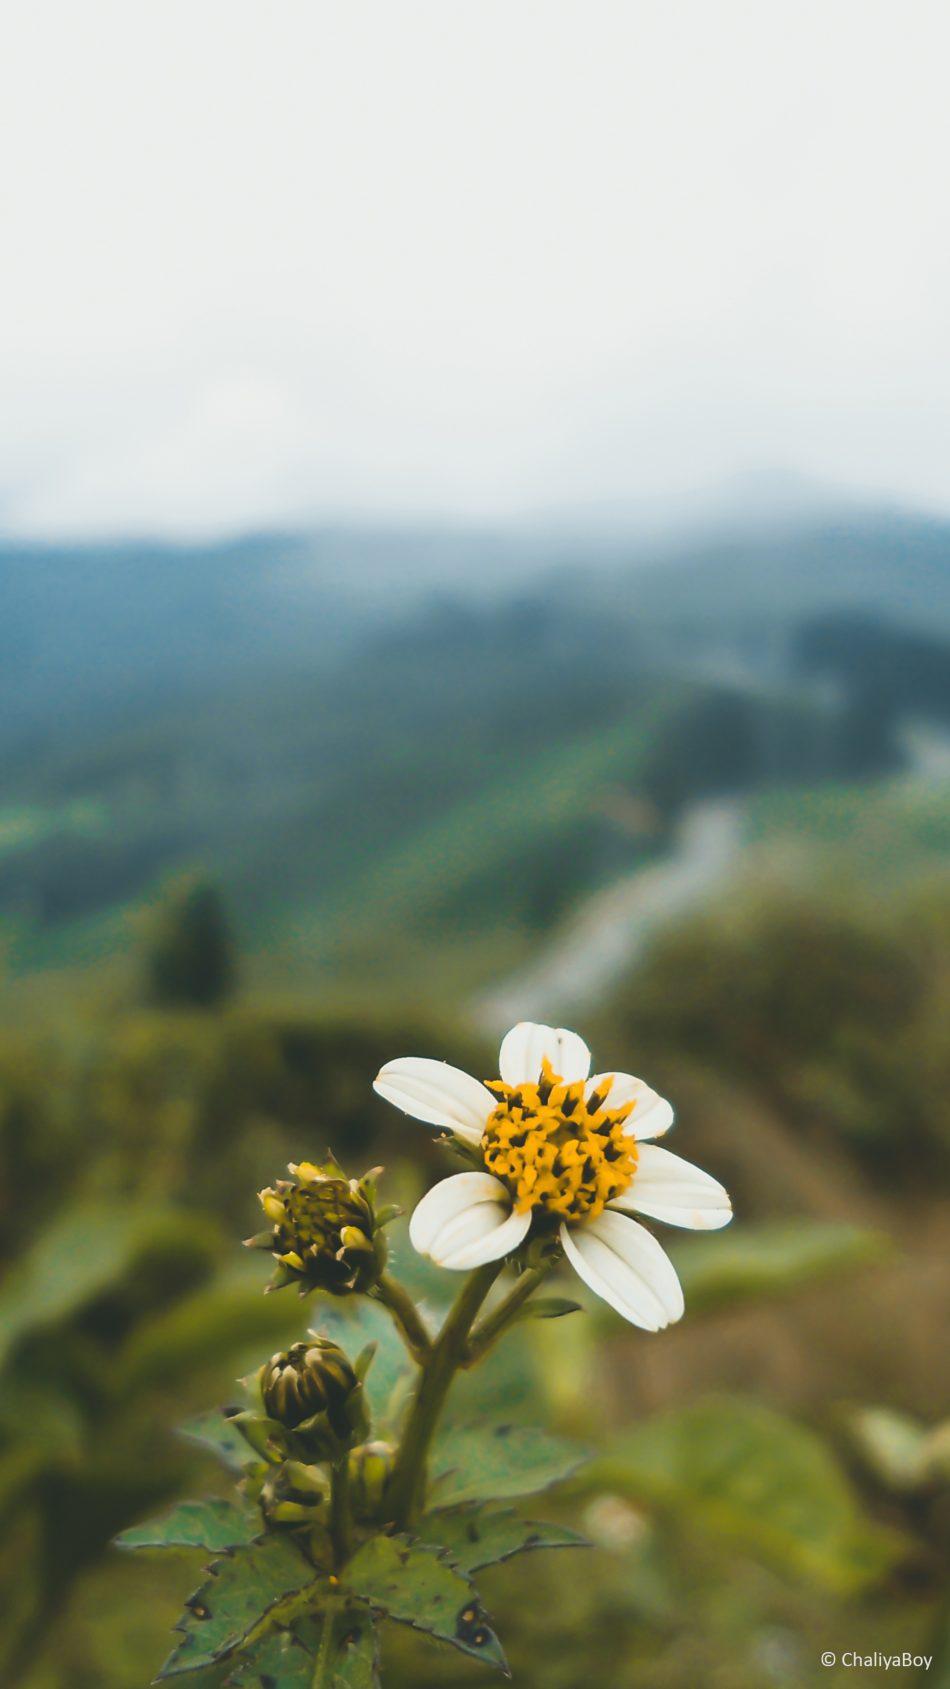 download flower nature landscape